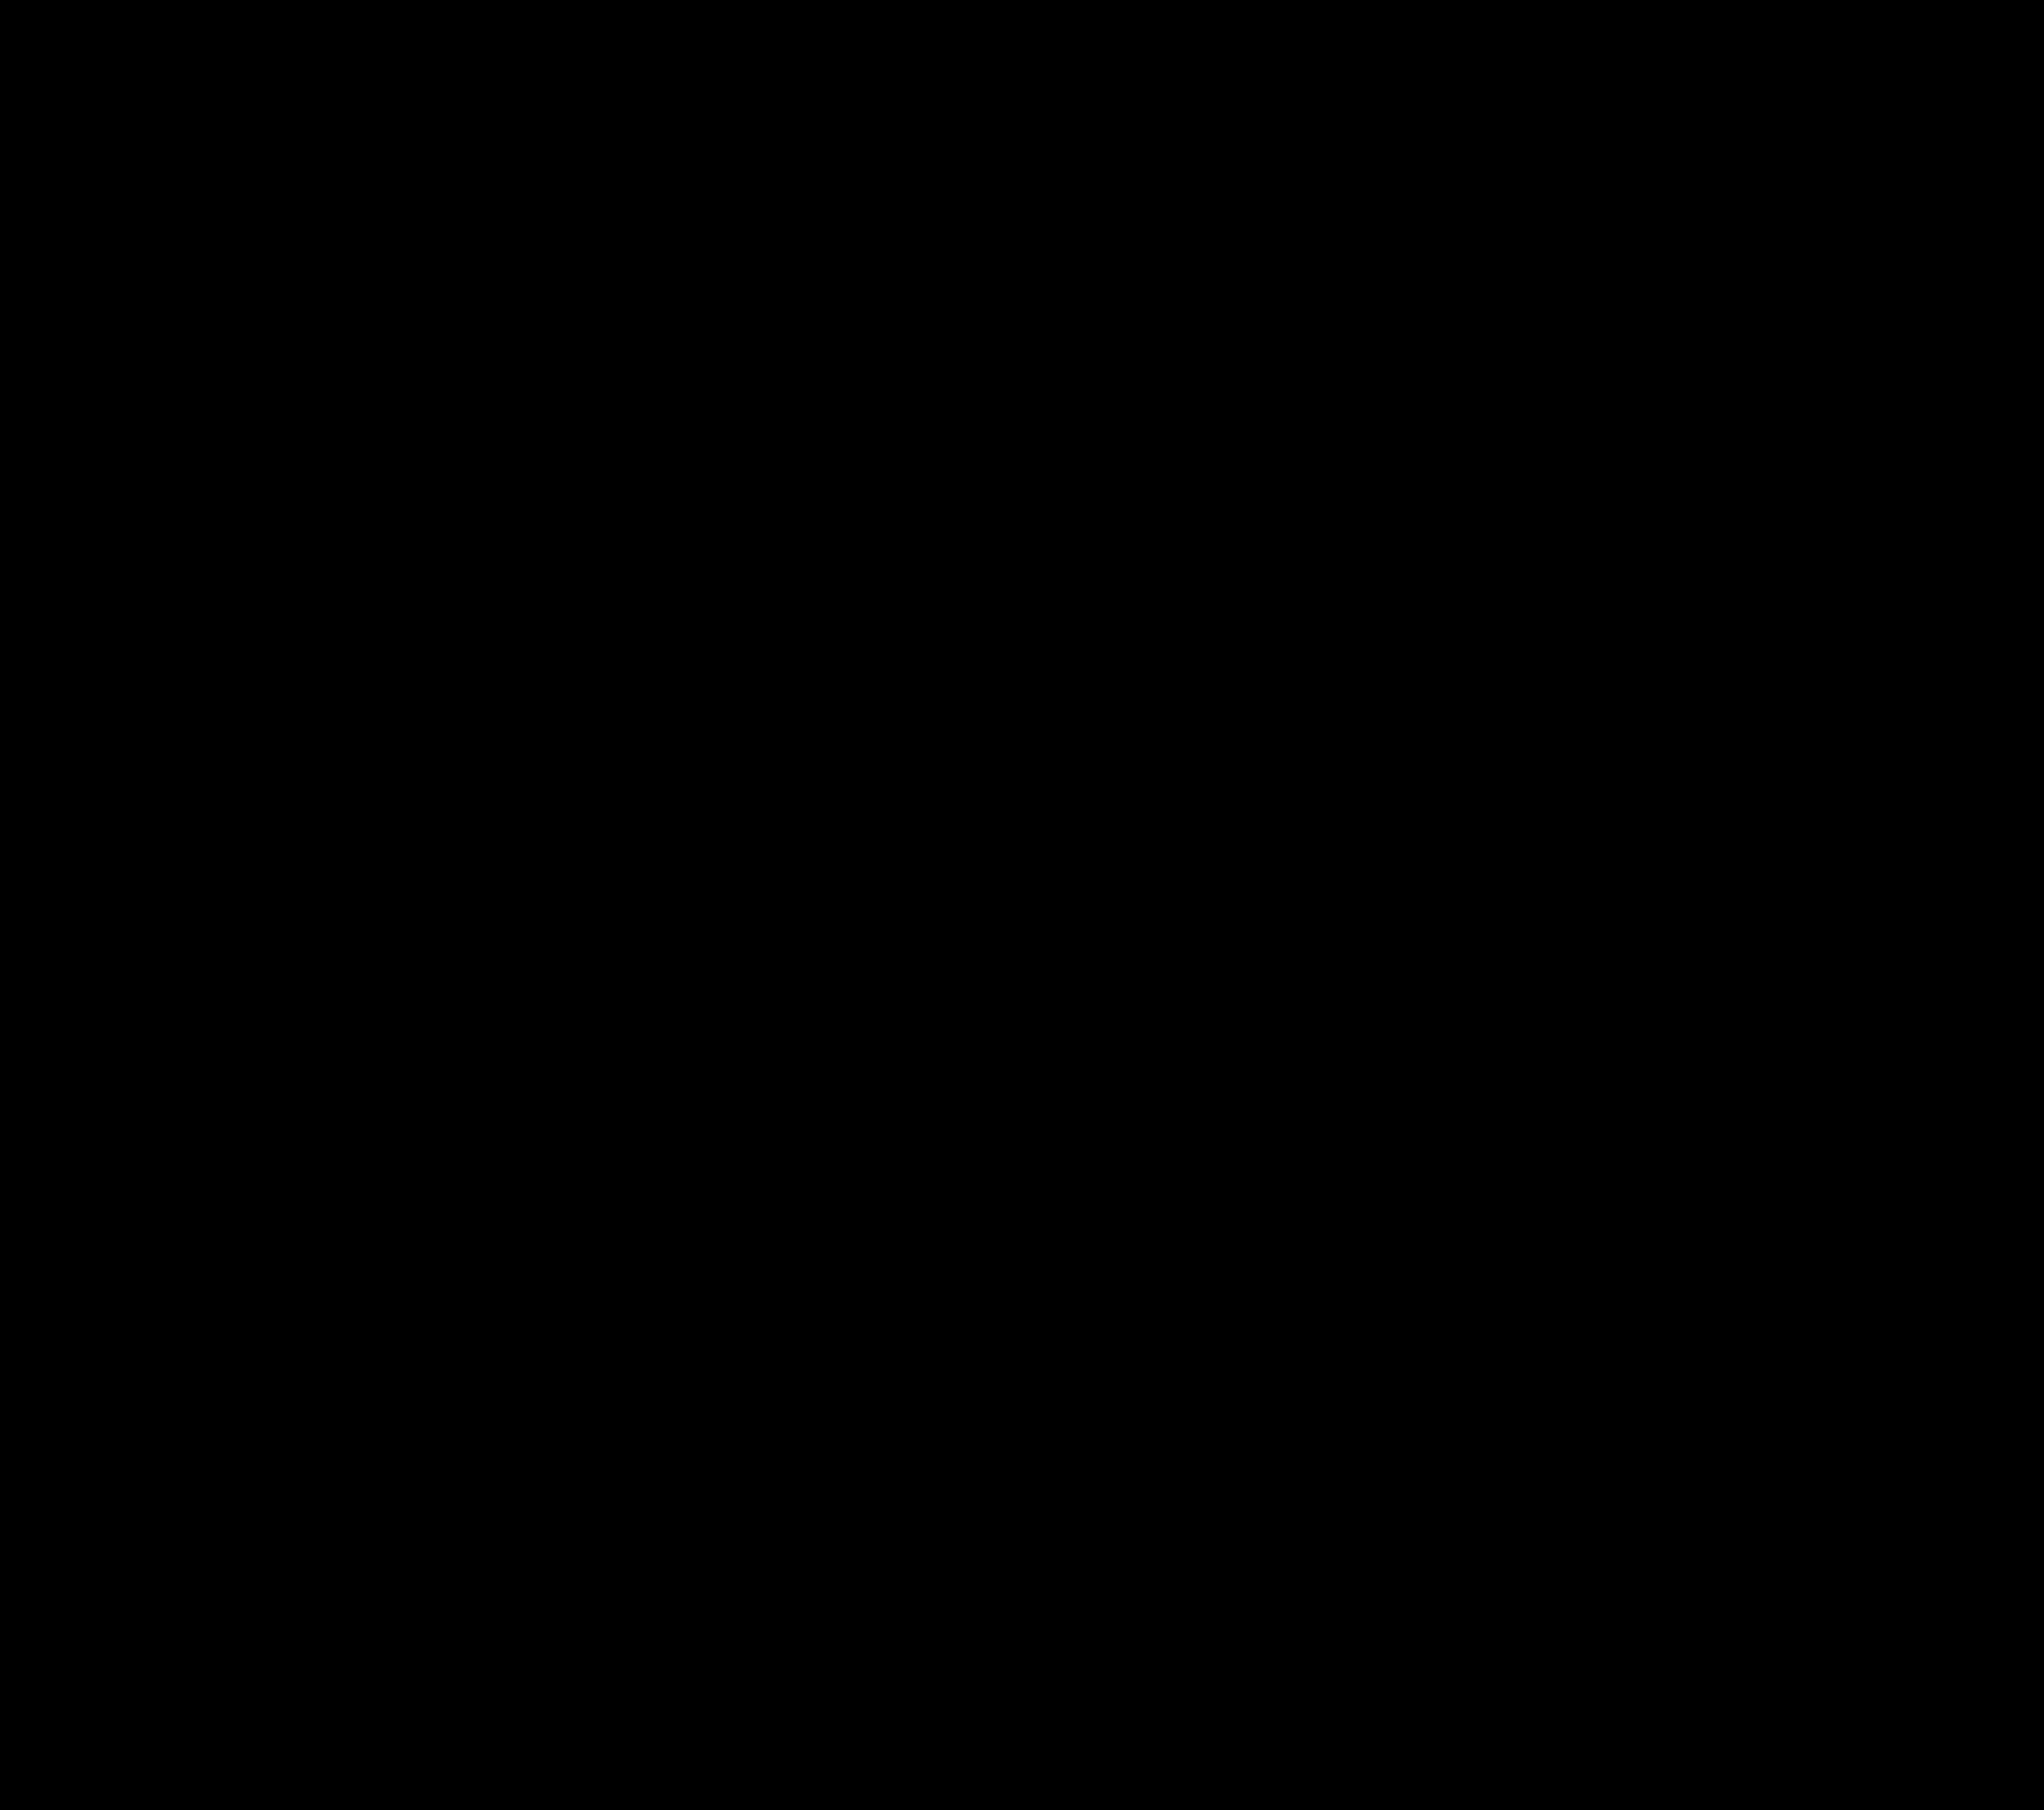 Matt Westin Stomp On art